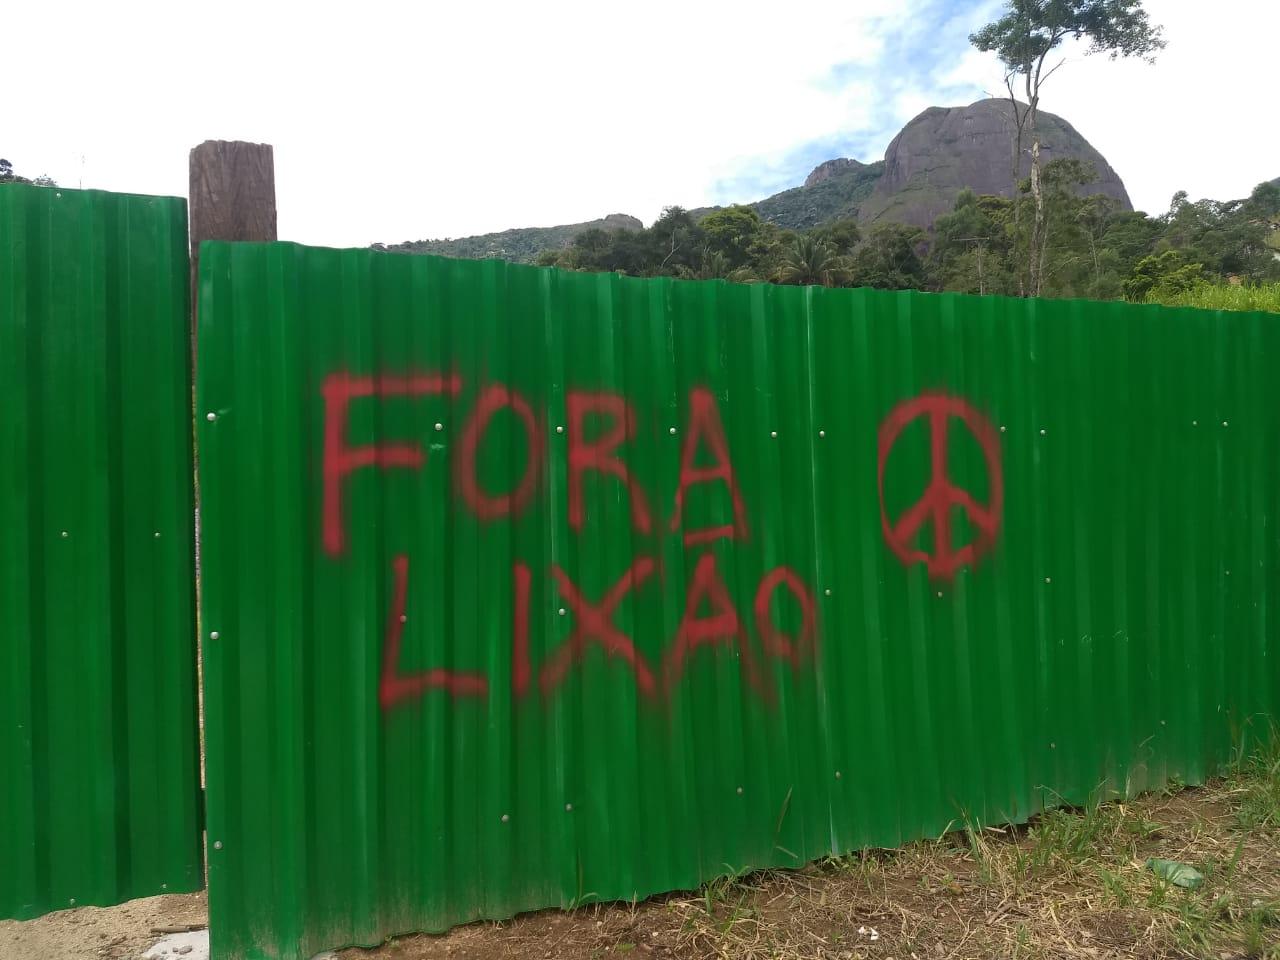 O protesto no tapume que cerca o terreno (Fotos de leitores)